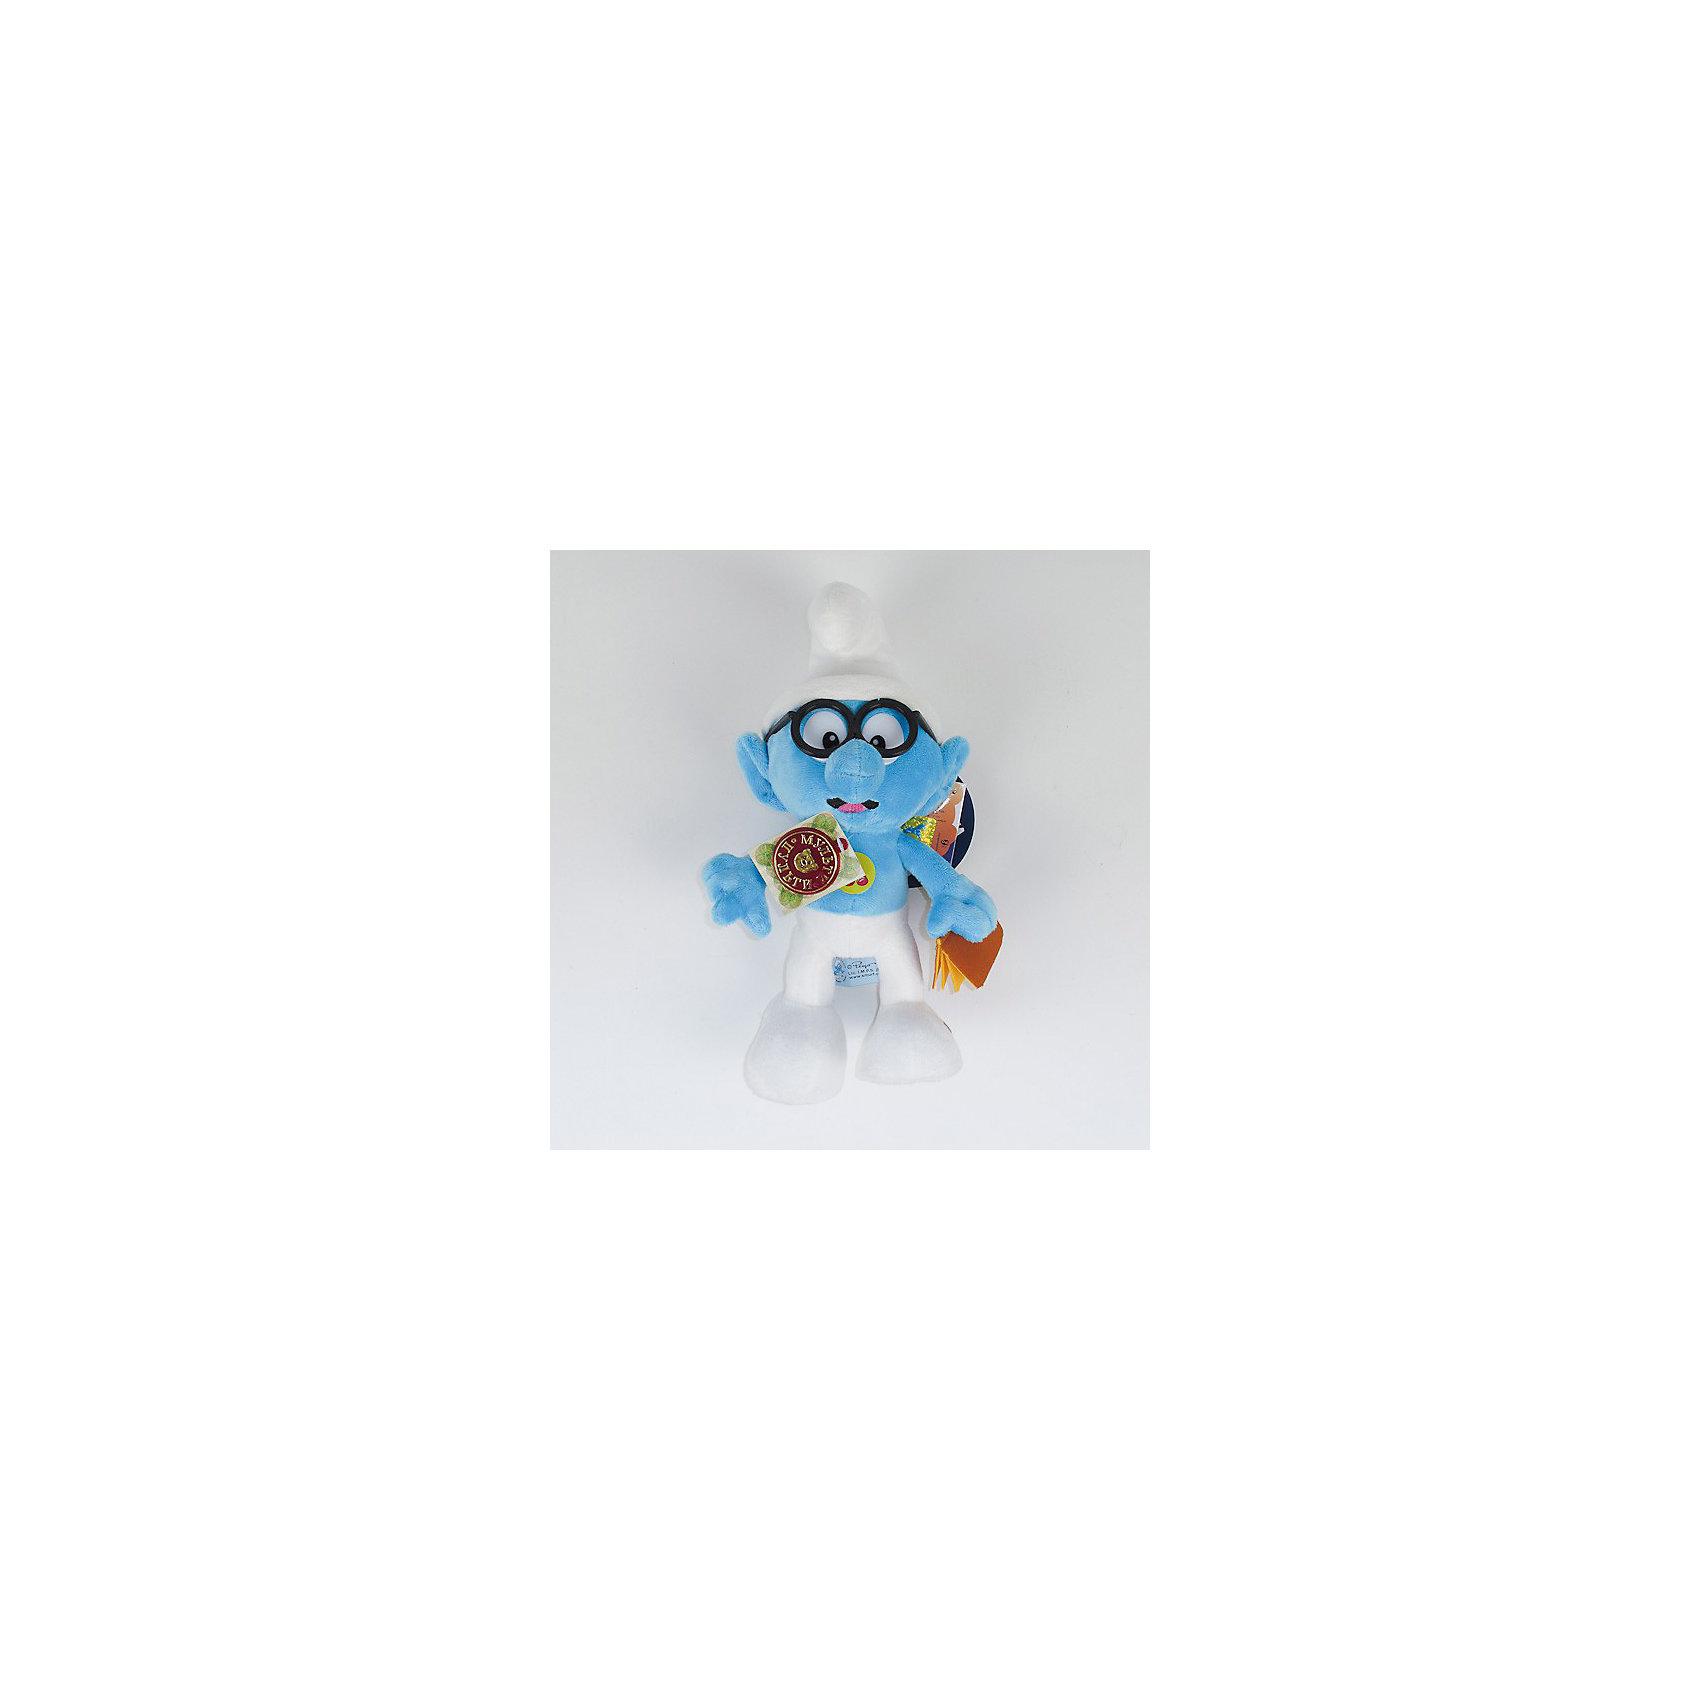 Мягкая игрушка  Смурф Умник, со звуком, 26 см,